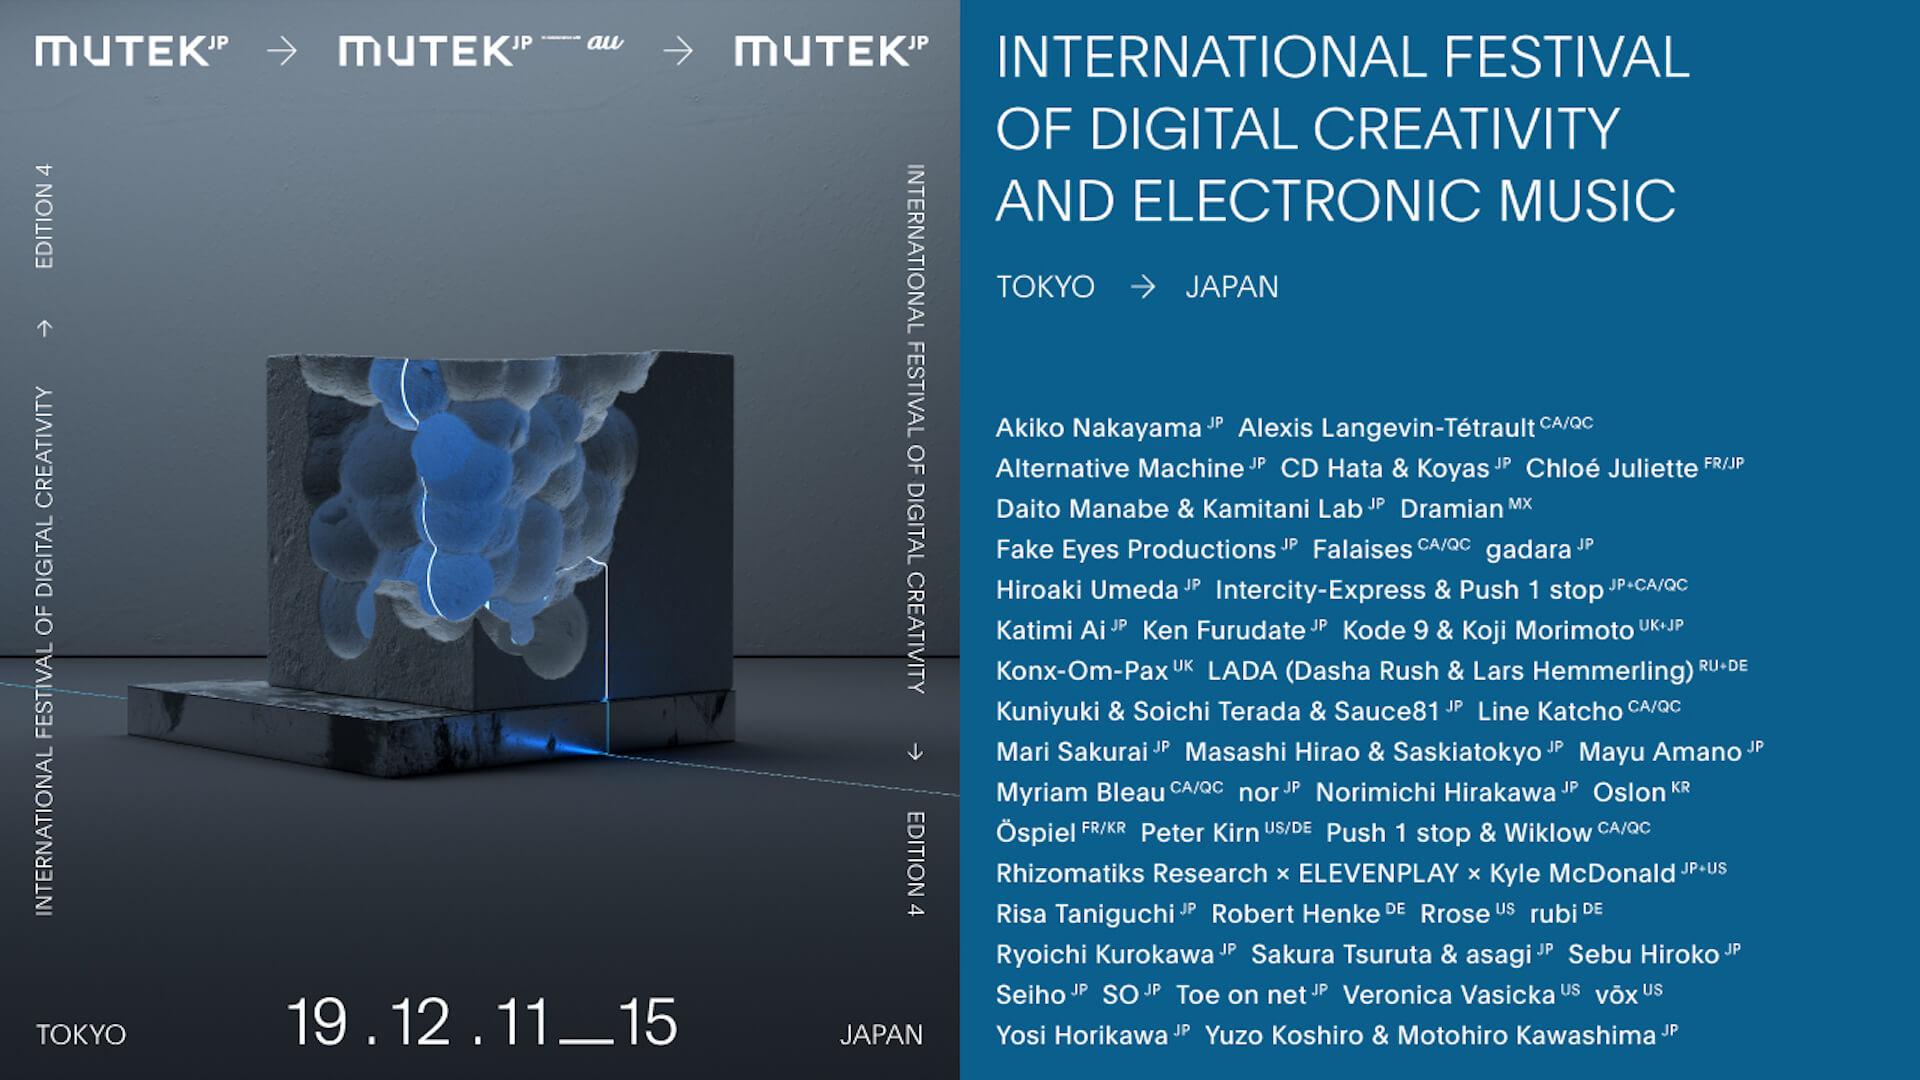 電子音楽&デジタルアートの祭典が渋谷に!<MUTEK.JP>最終フルラインナップ&タイムテーブル発表 art191205_mutek_1